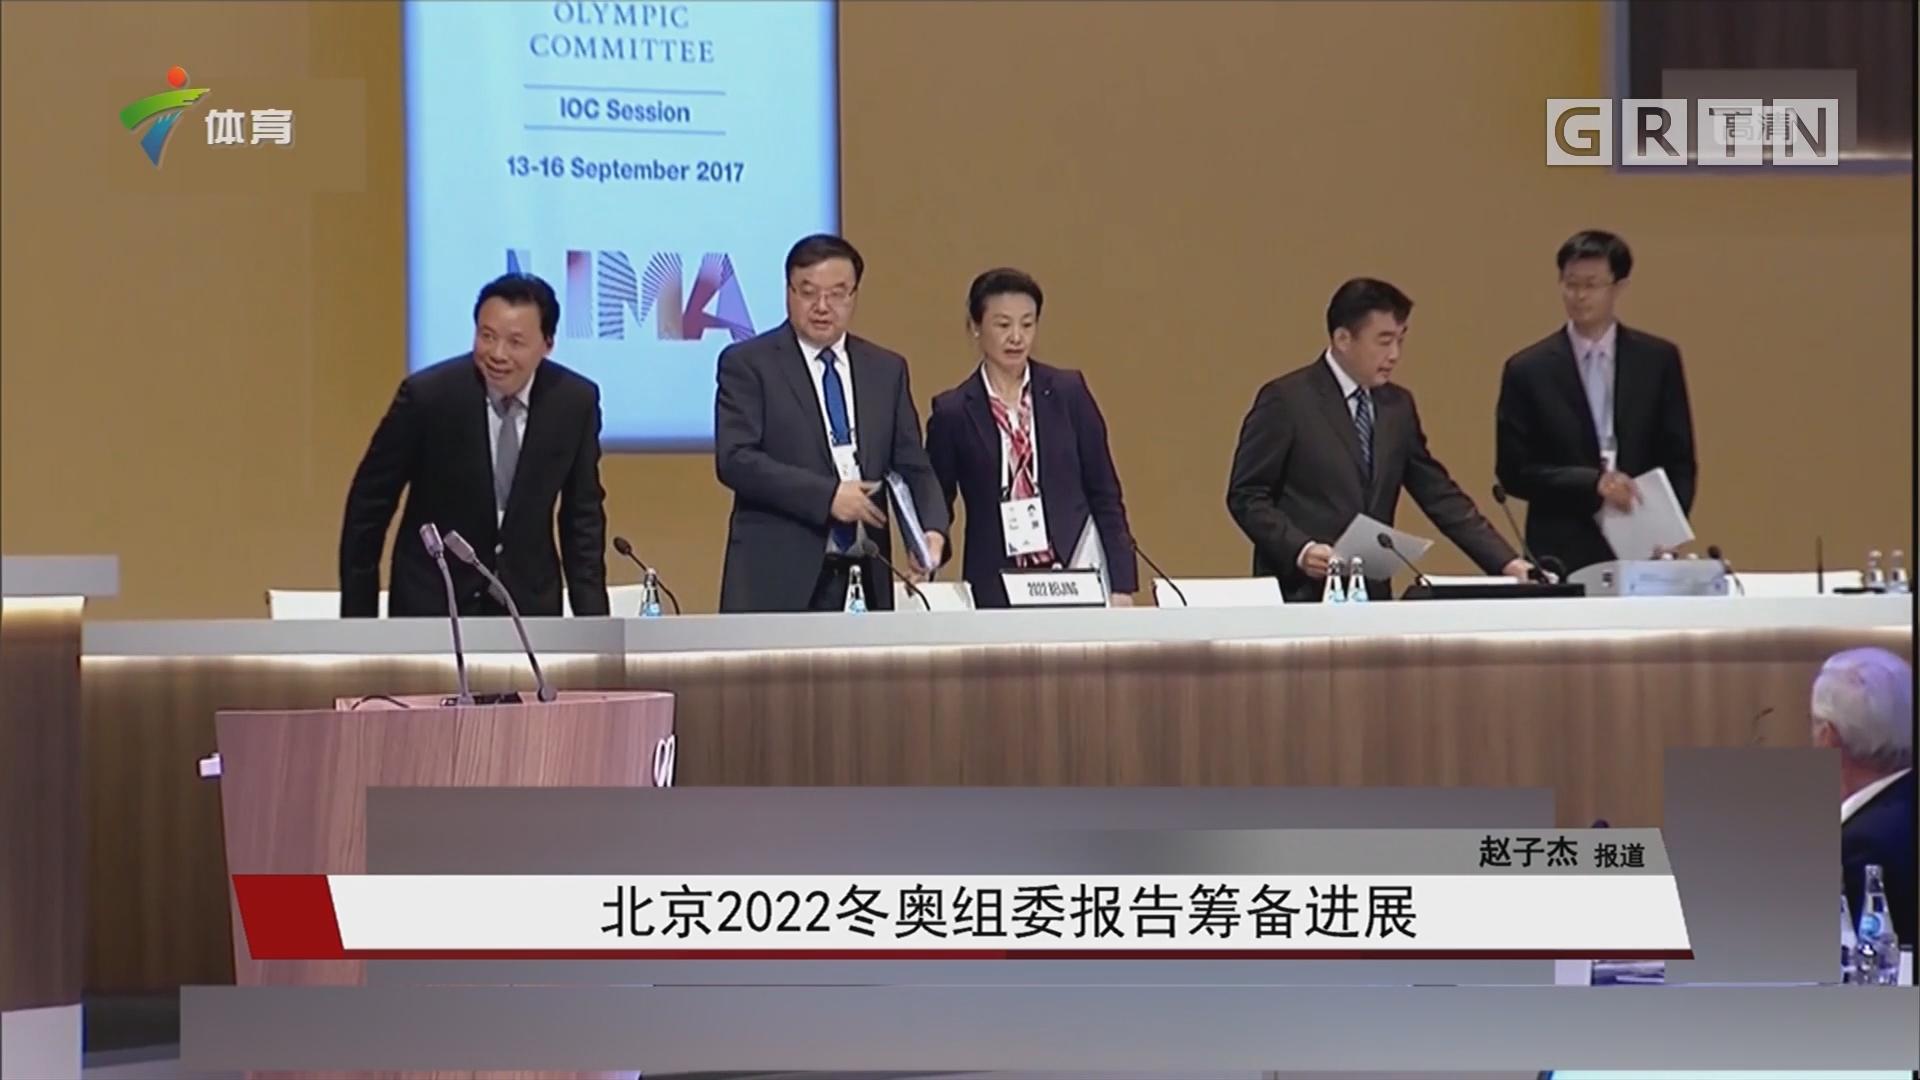 北京2022冬奥组委报告筹备进展